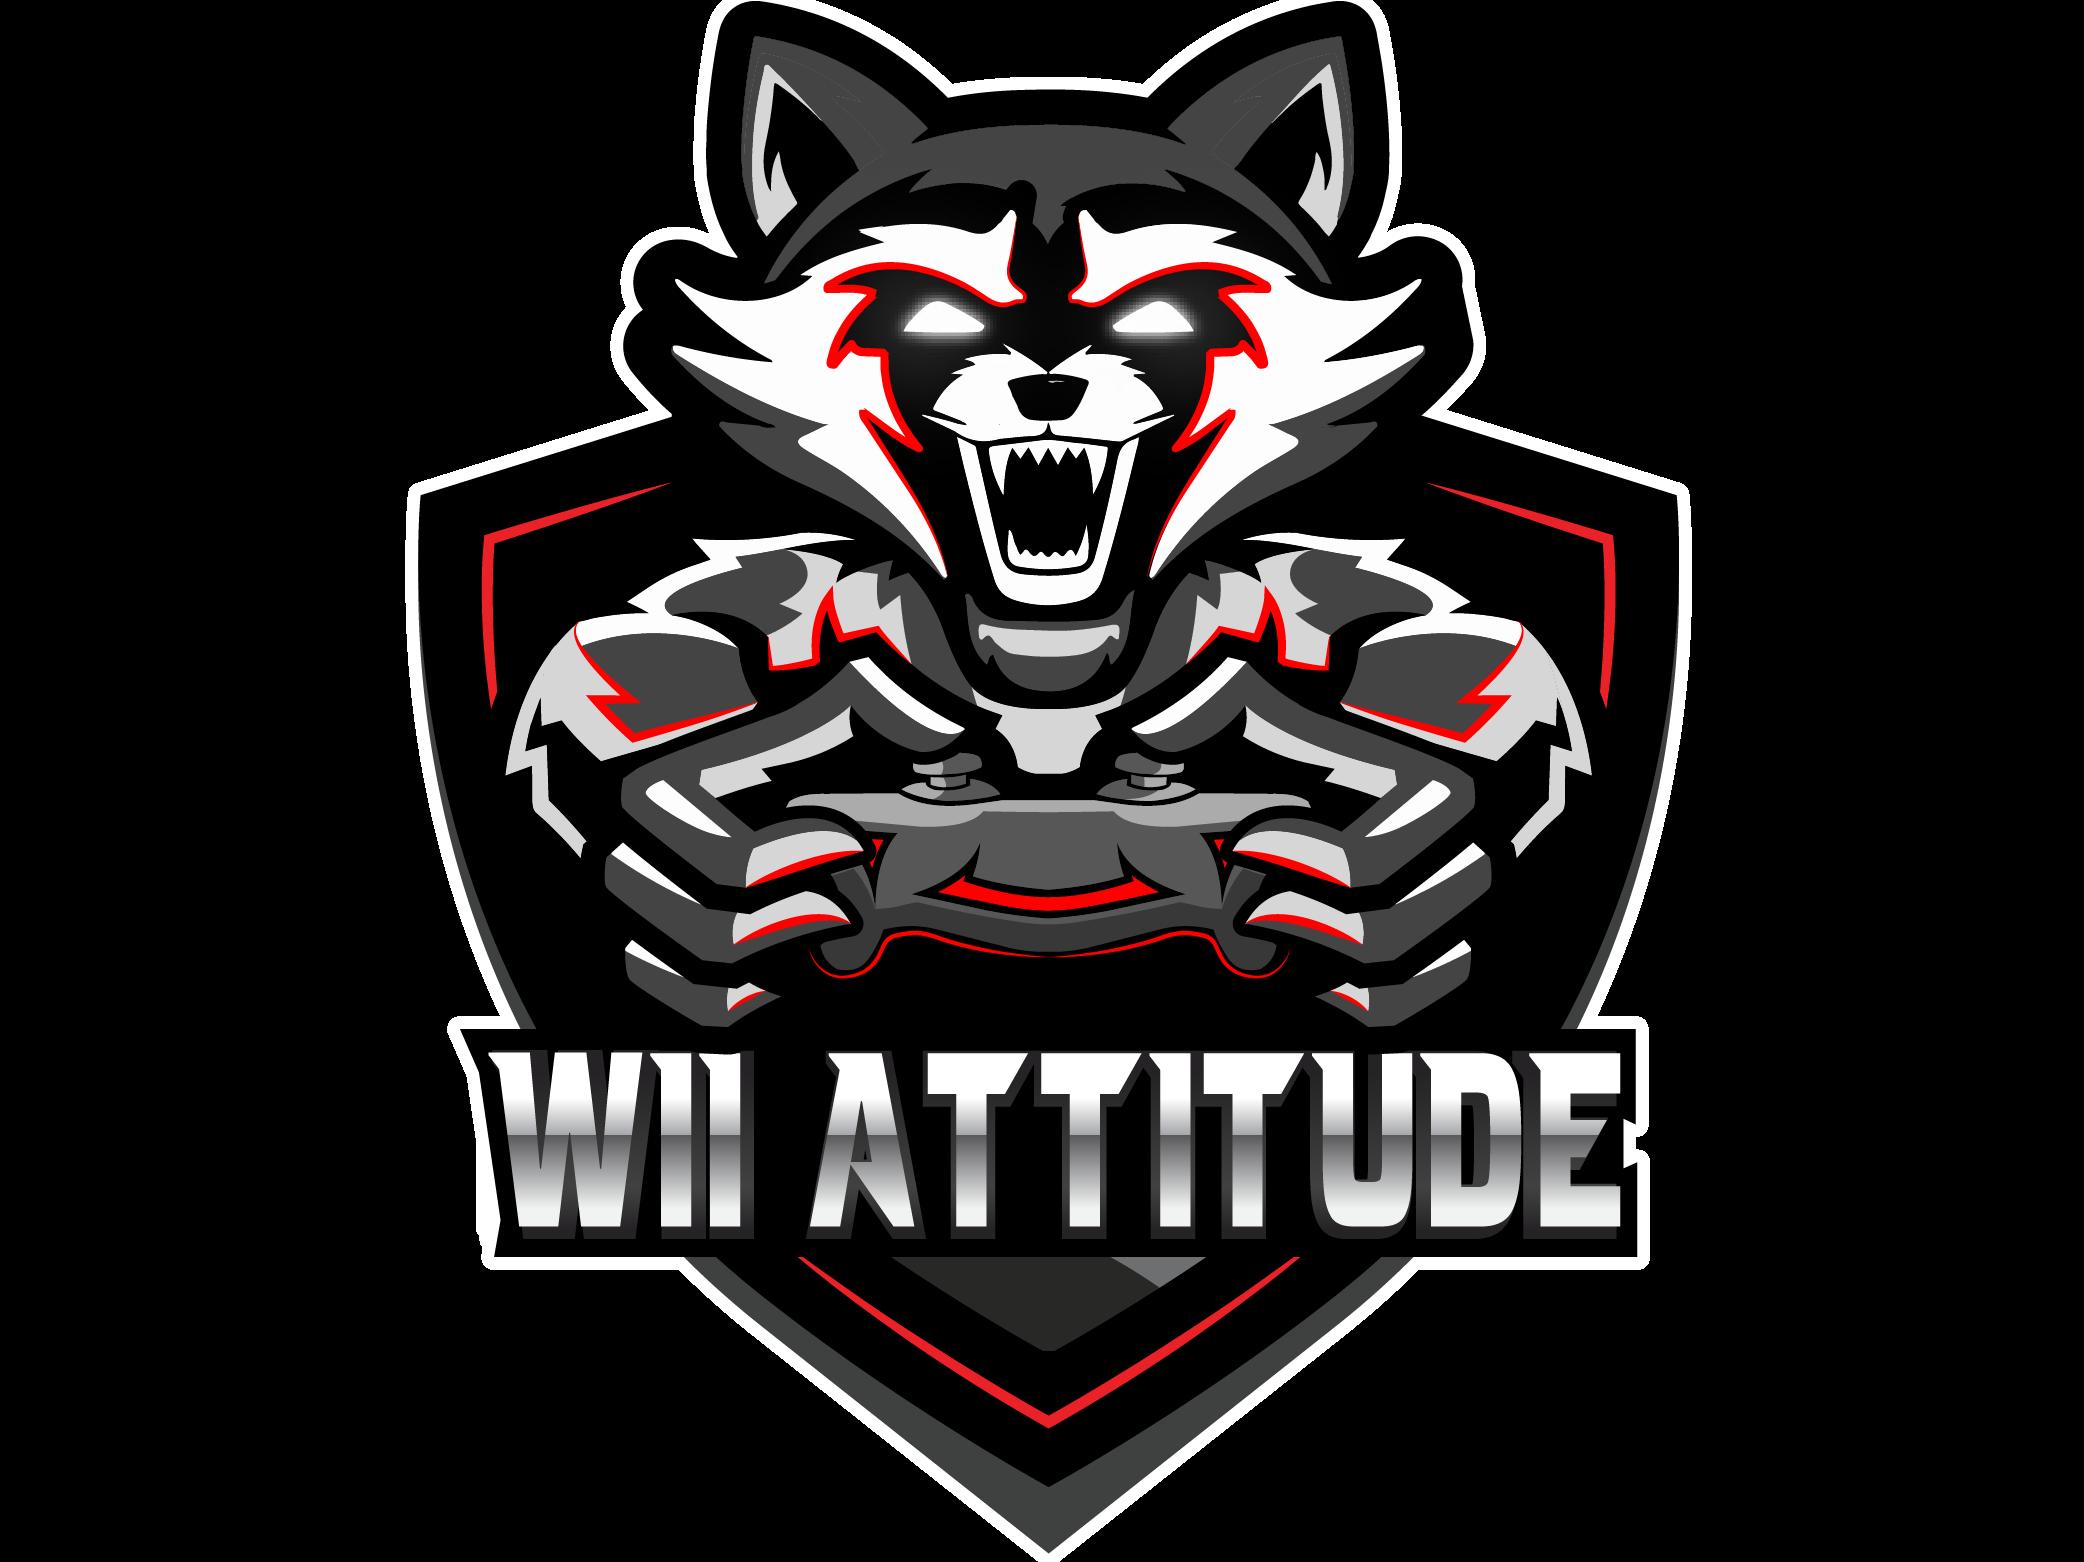 Wii Attitude